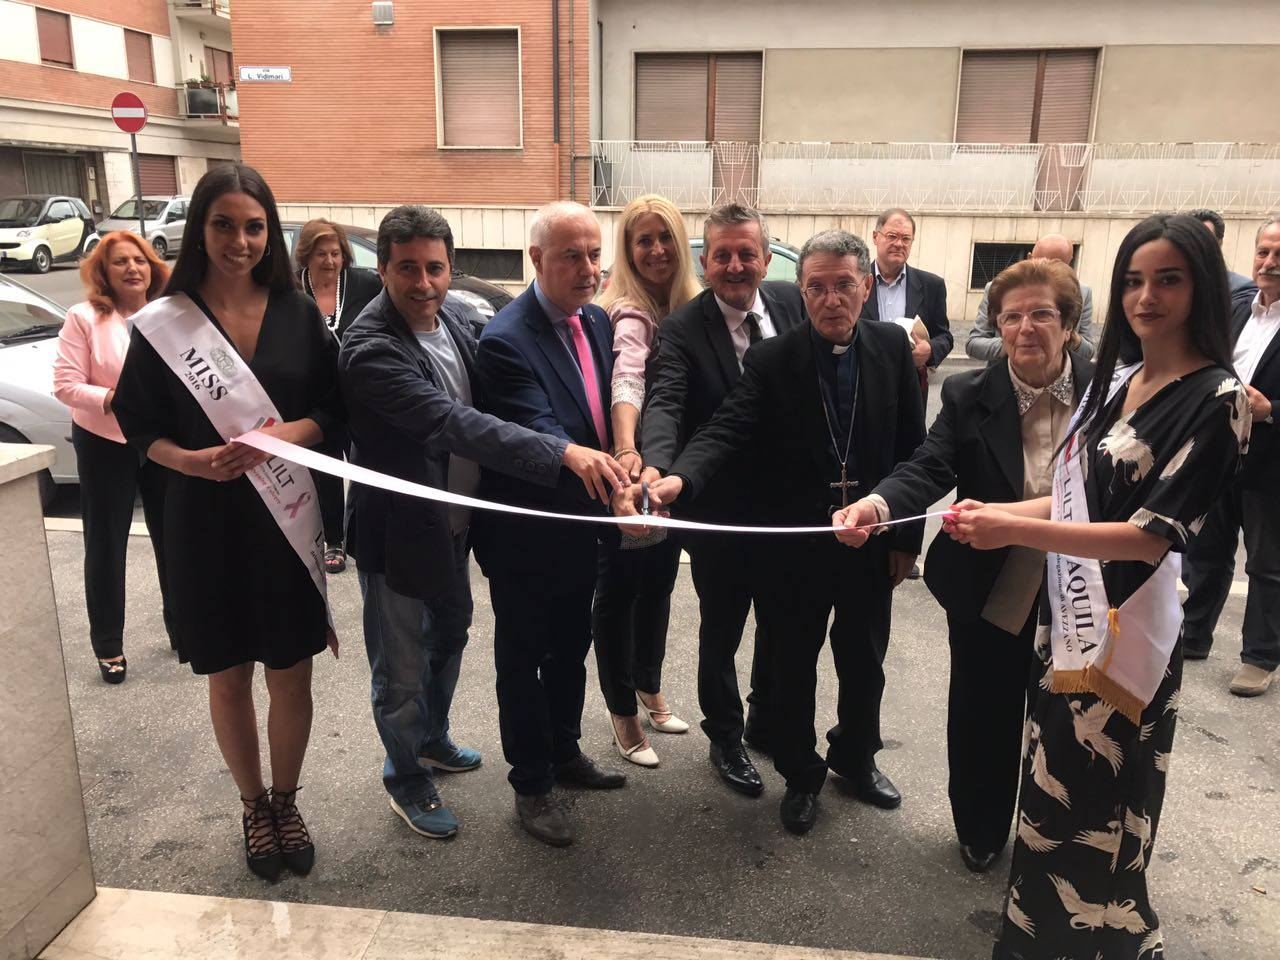 Lilt Avezzano riparte da un nuovo studio all'avanguardia. Presentata la nuova sede in Via Vidimari